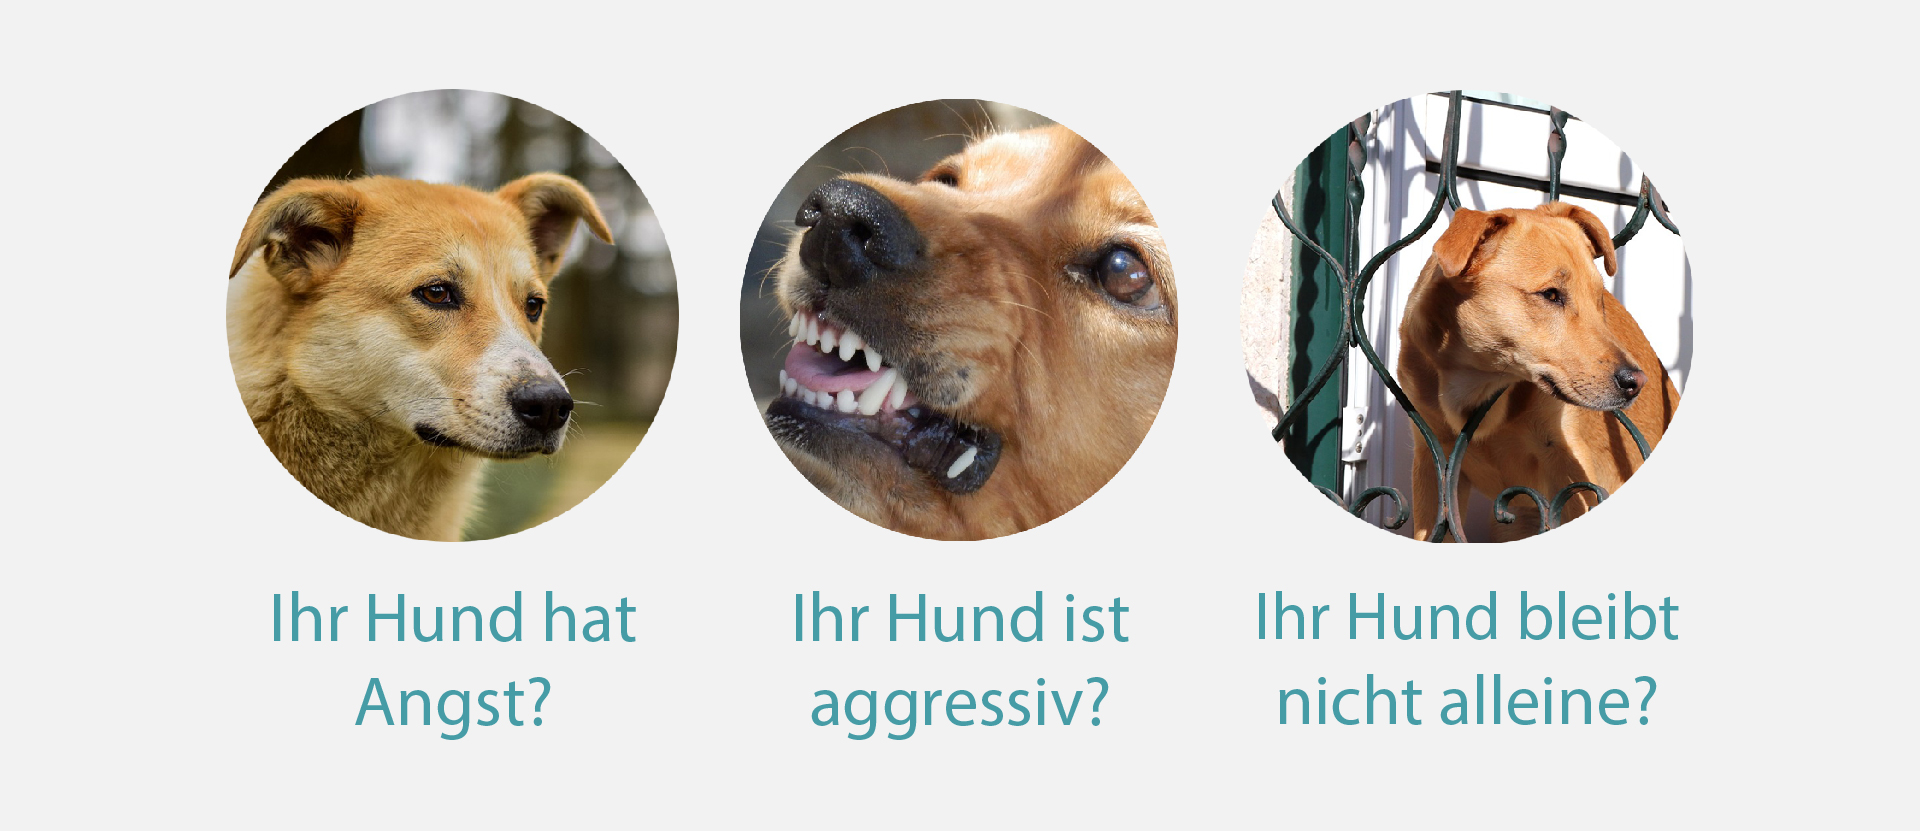 hundeschule-agressiv-angst